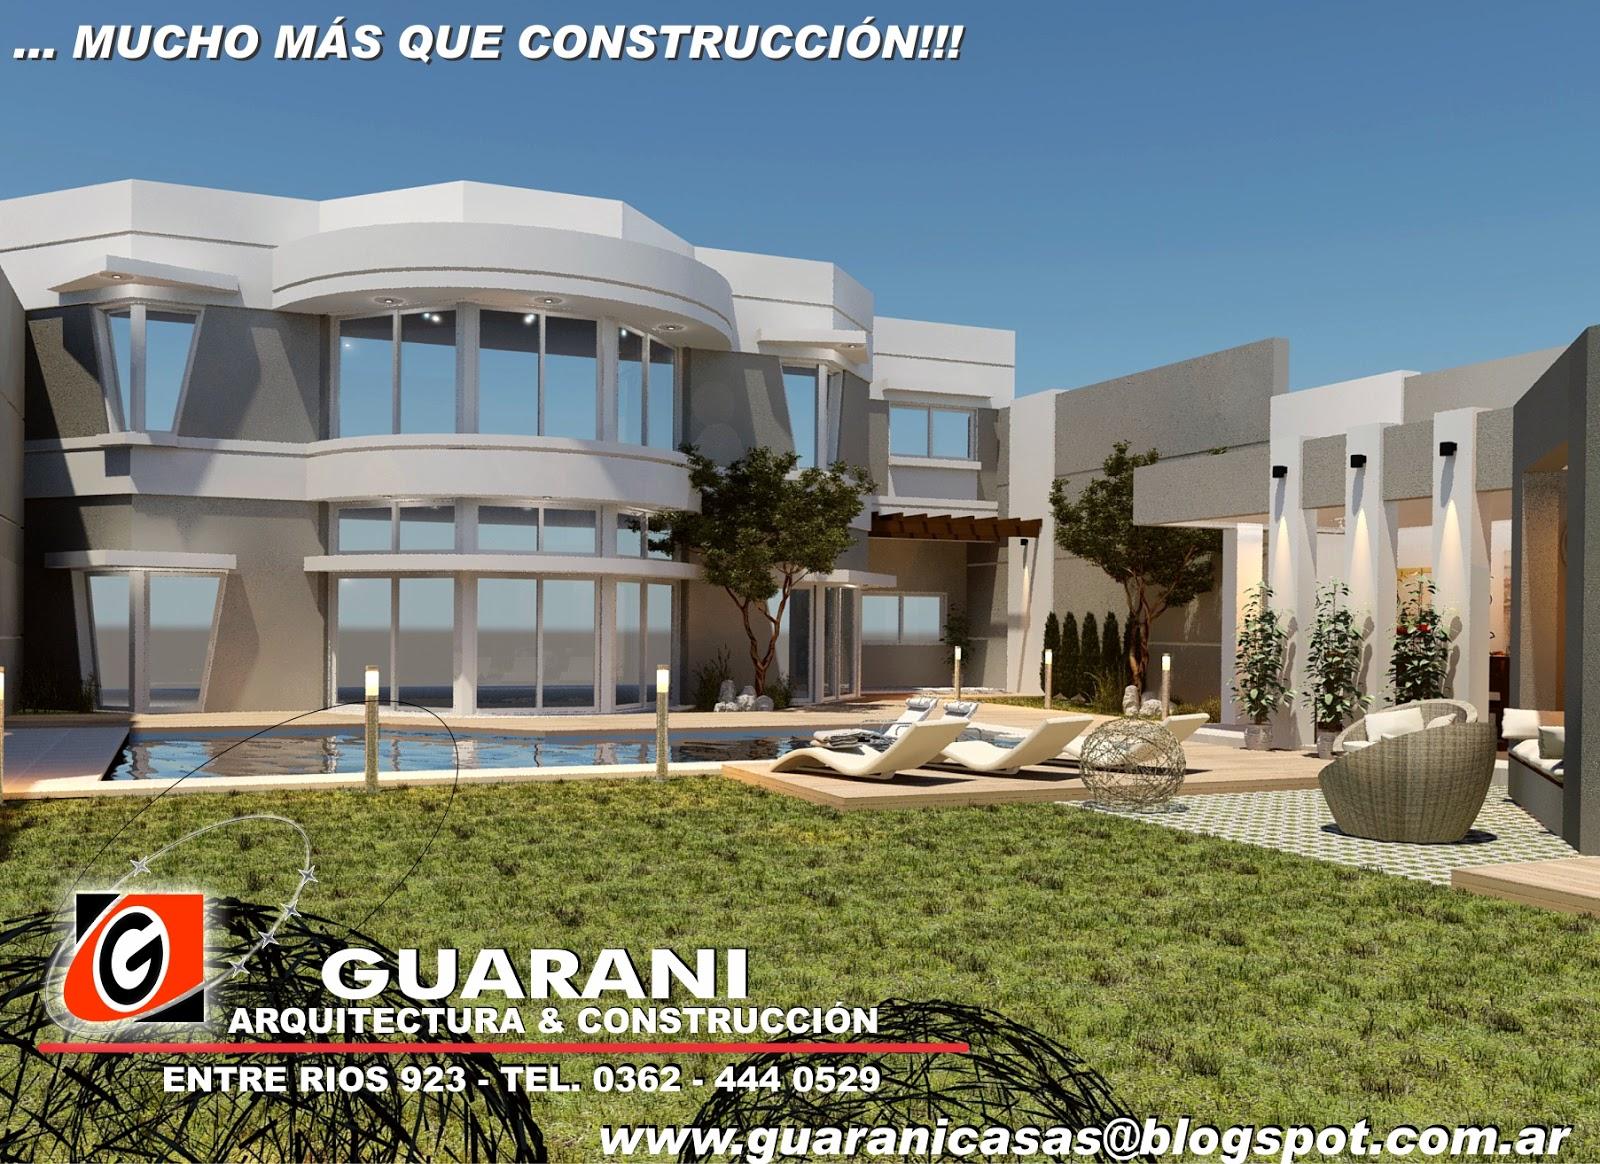 Arquitectura y construccion dise o de quincho y patio for Arquitectura y construccion